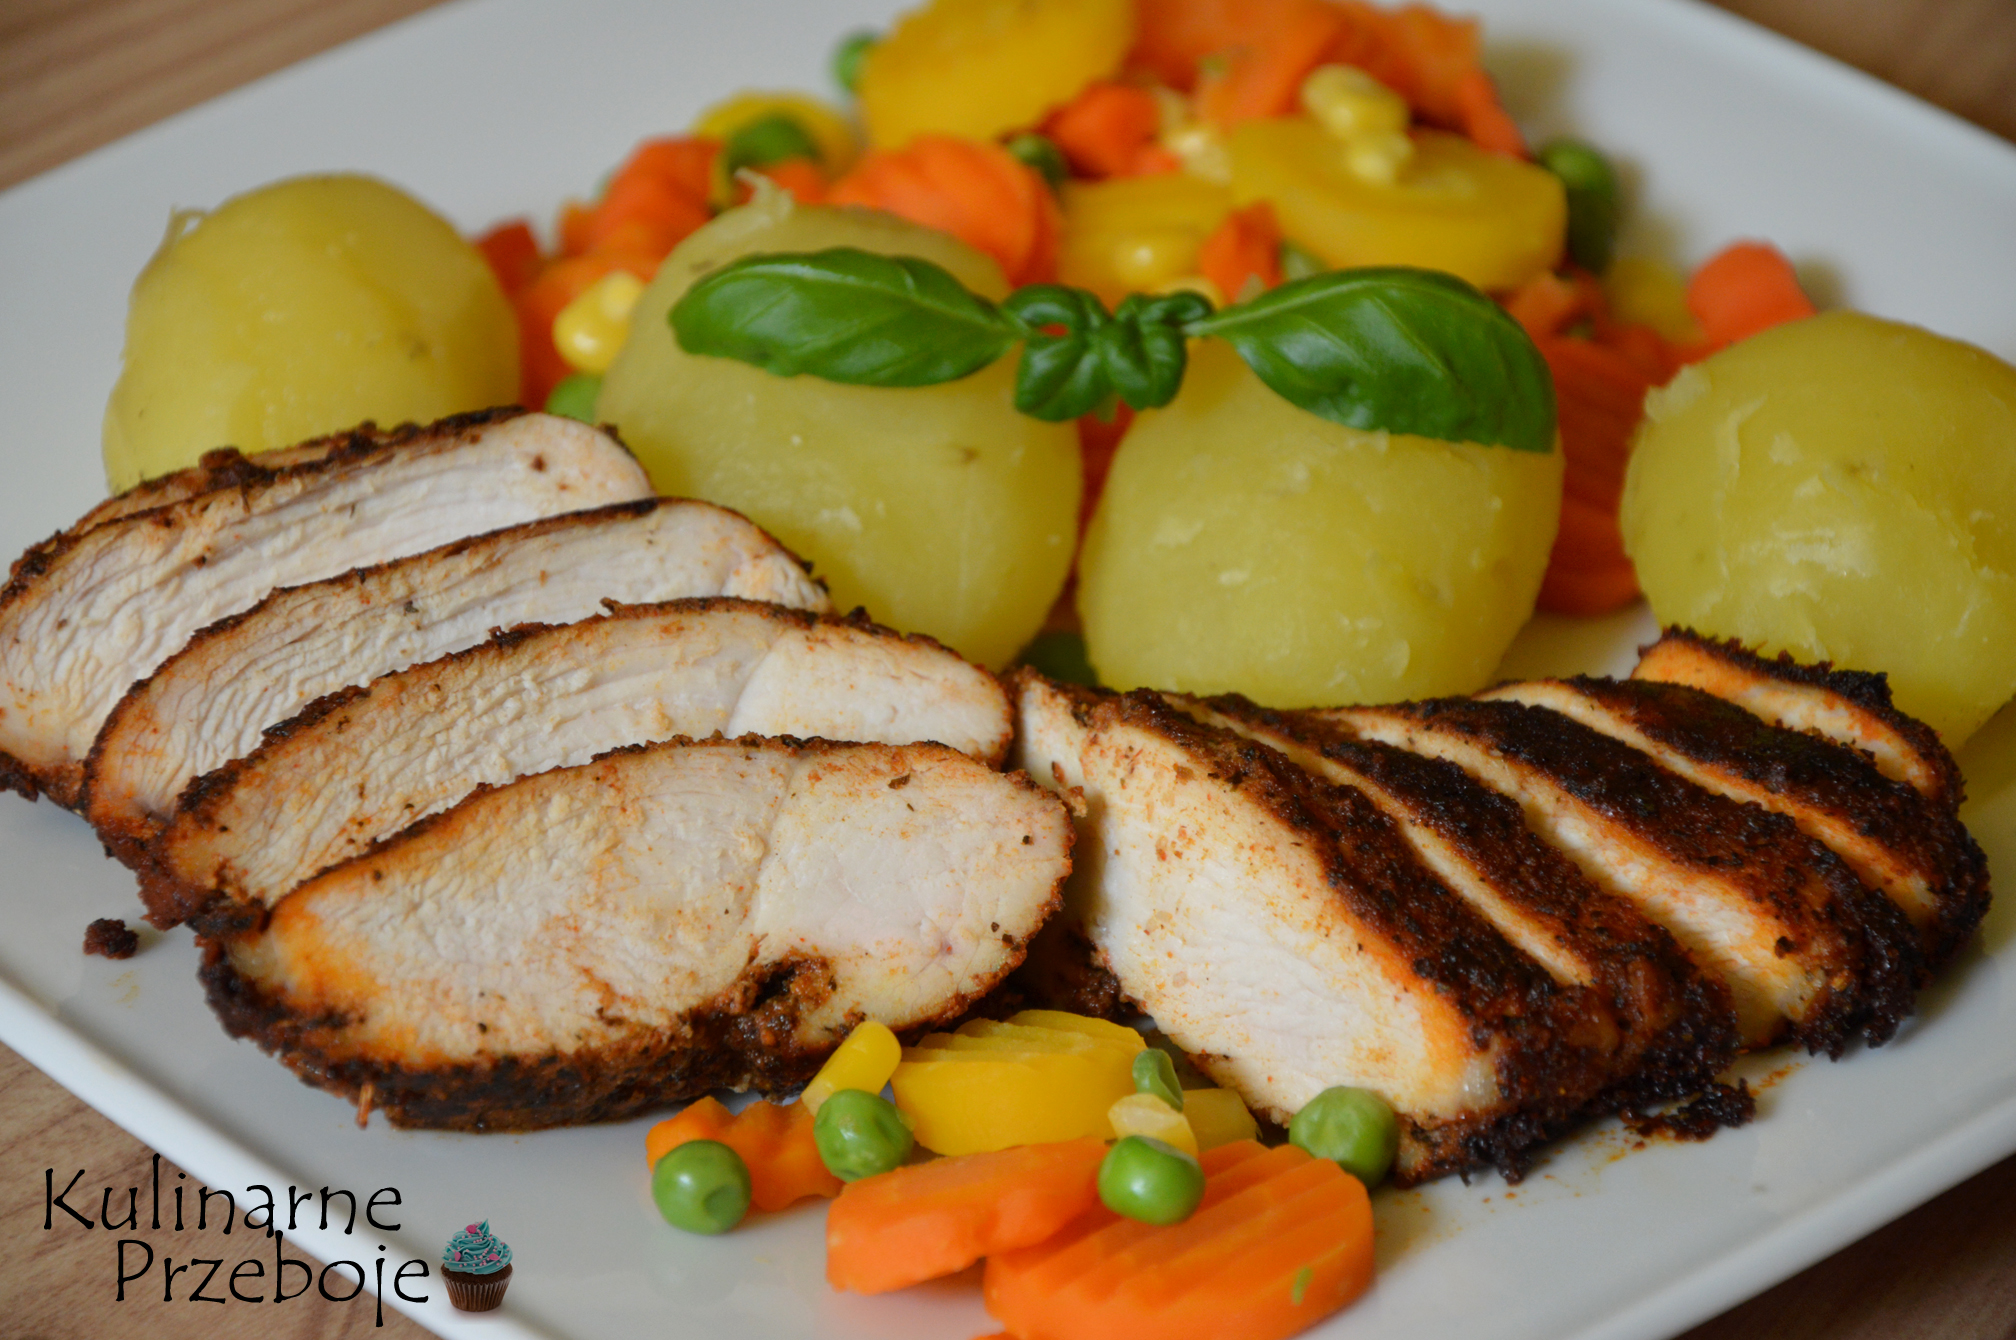 Dietetyczny Obiad Czyli Pieczona Piers Kurczaka Z Warzywami